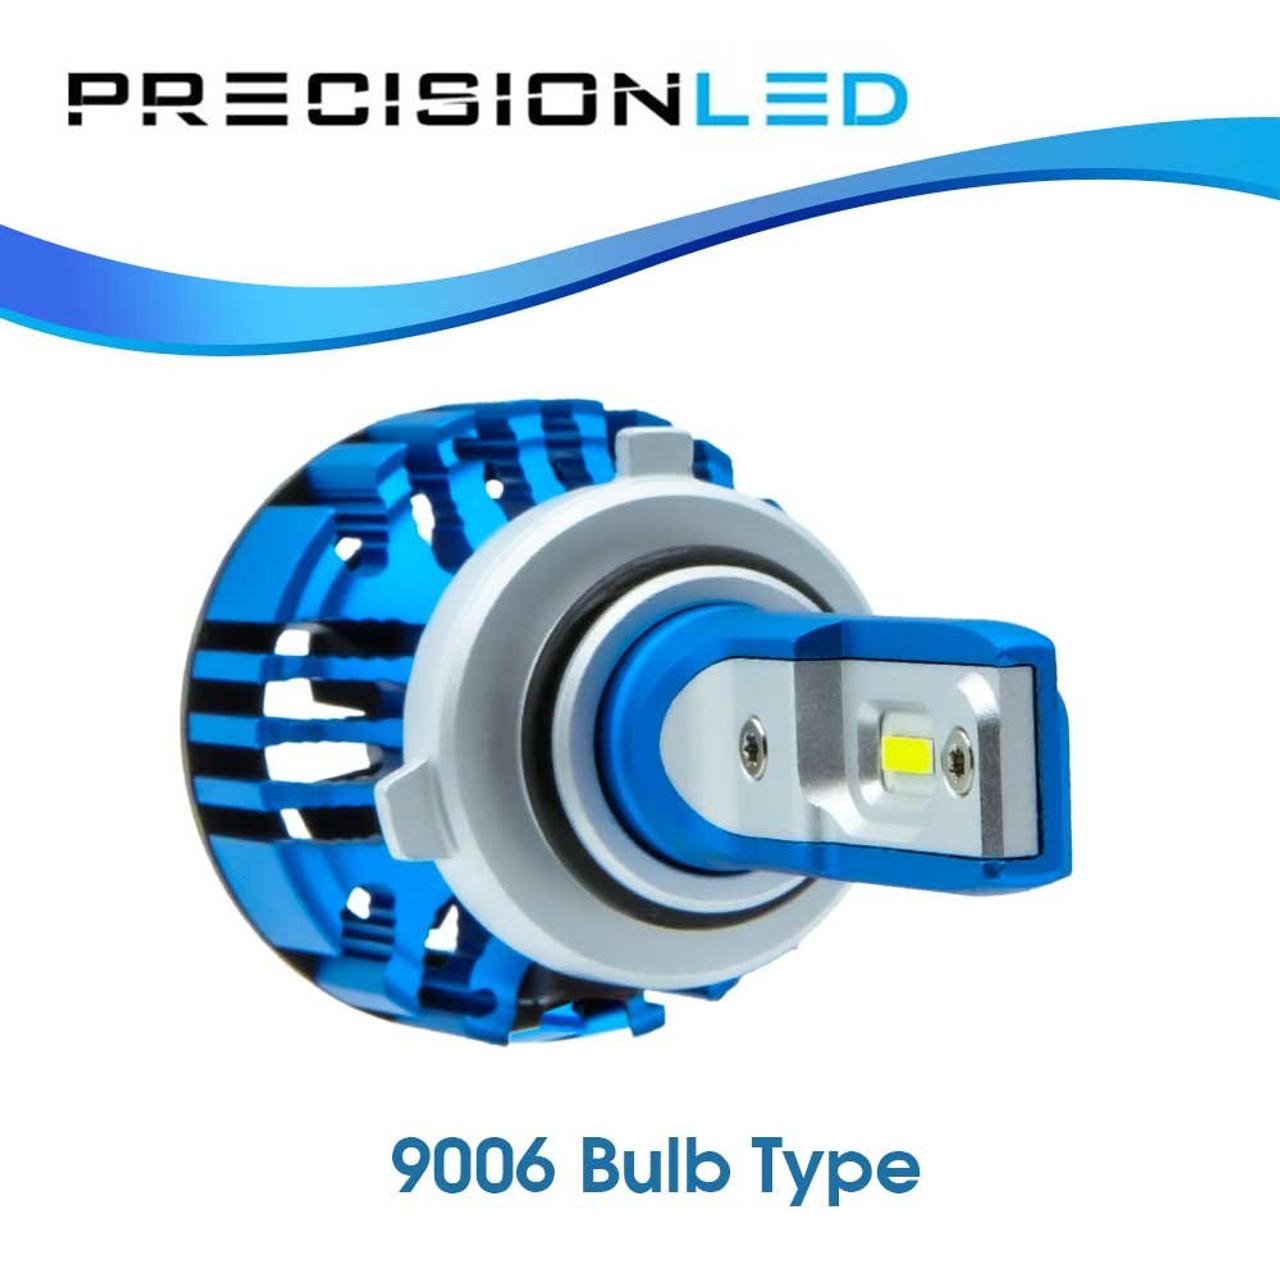 Lexus GS Kepler LED Headlight package (1991 - 1997) bulb 2